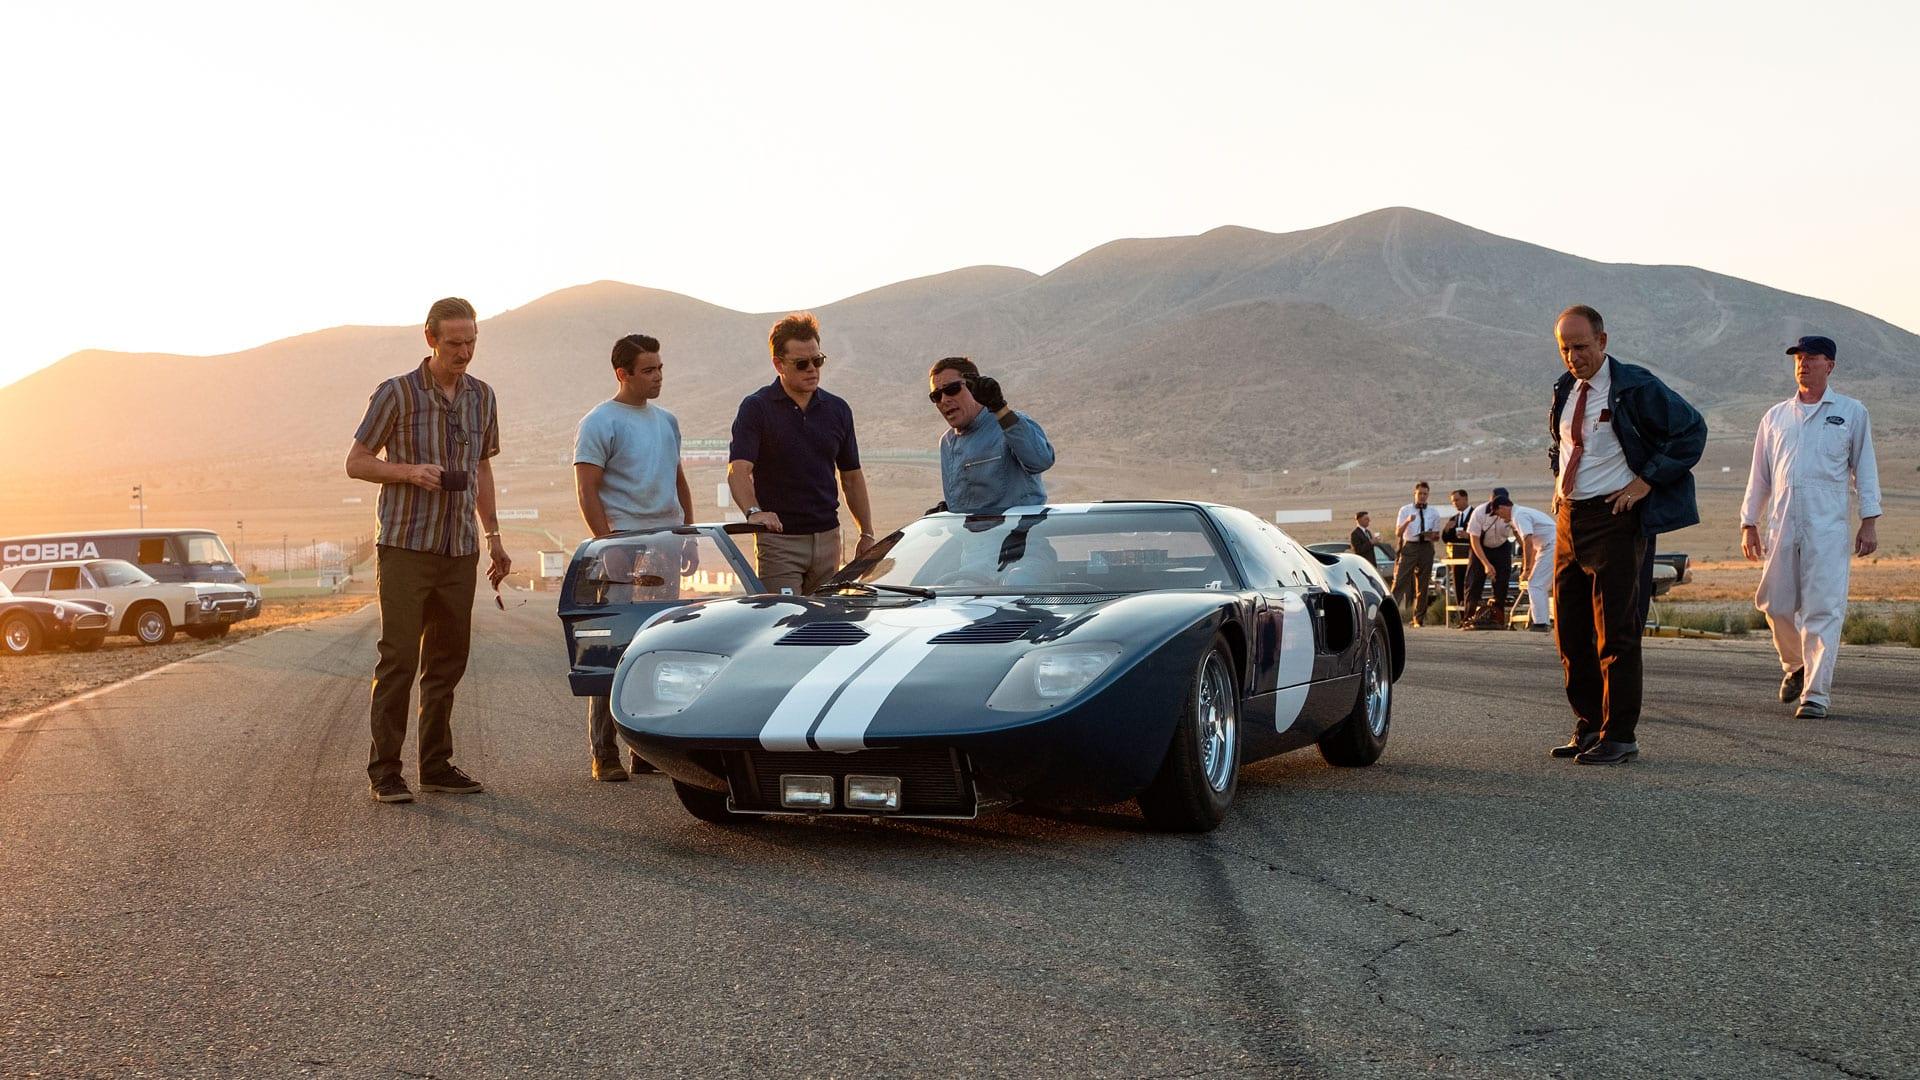 Οι καλύτερες ταινίες με Αυτοκίνητα